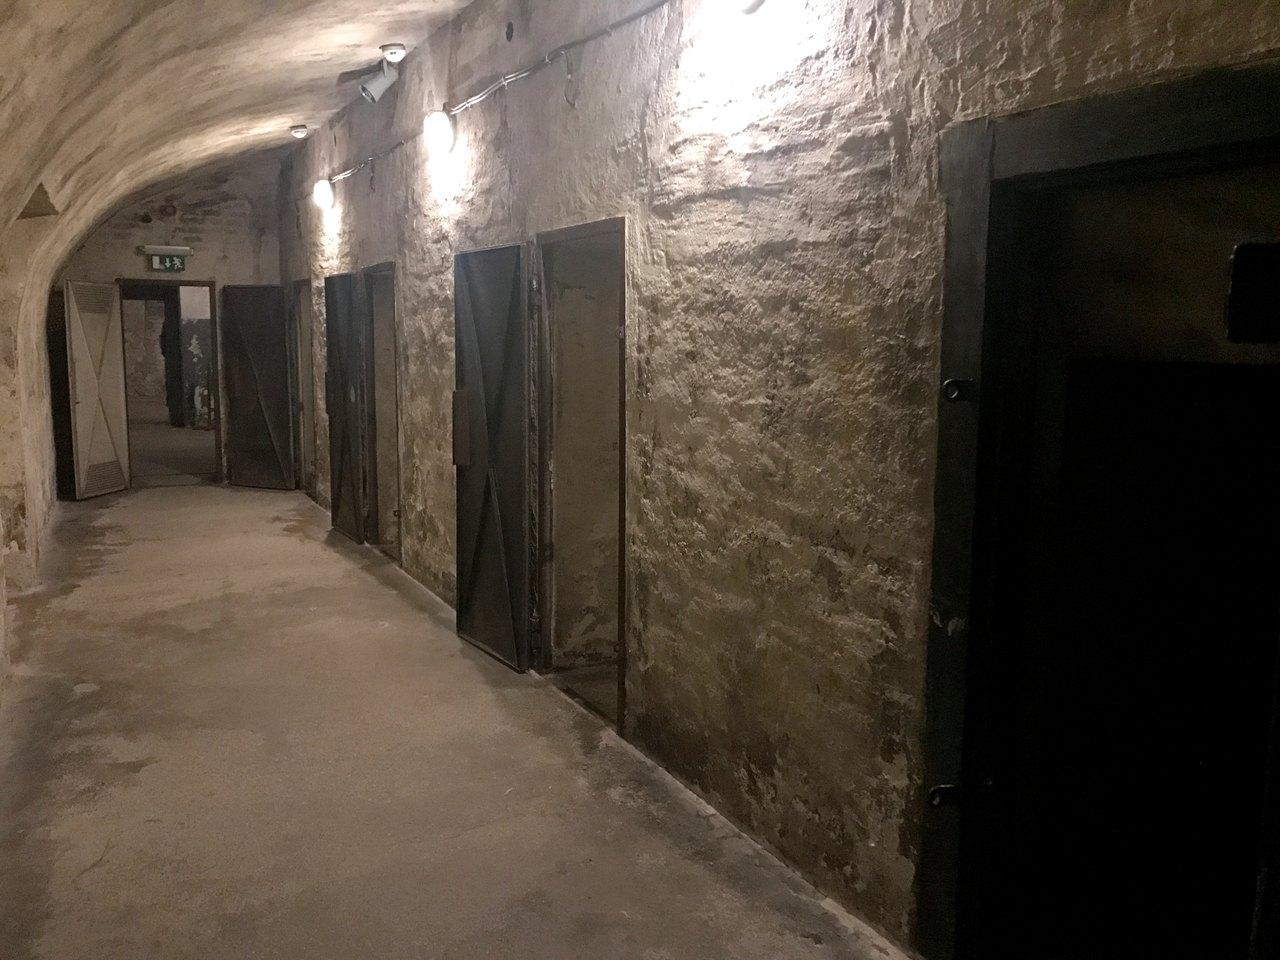 Celas na Casa do Terror de Budapeste. Foto de Diogo Pereira